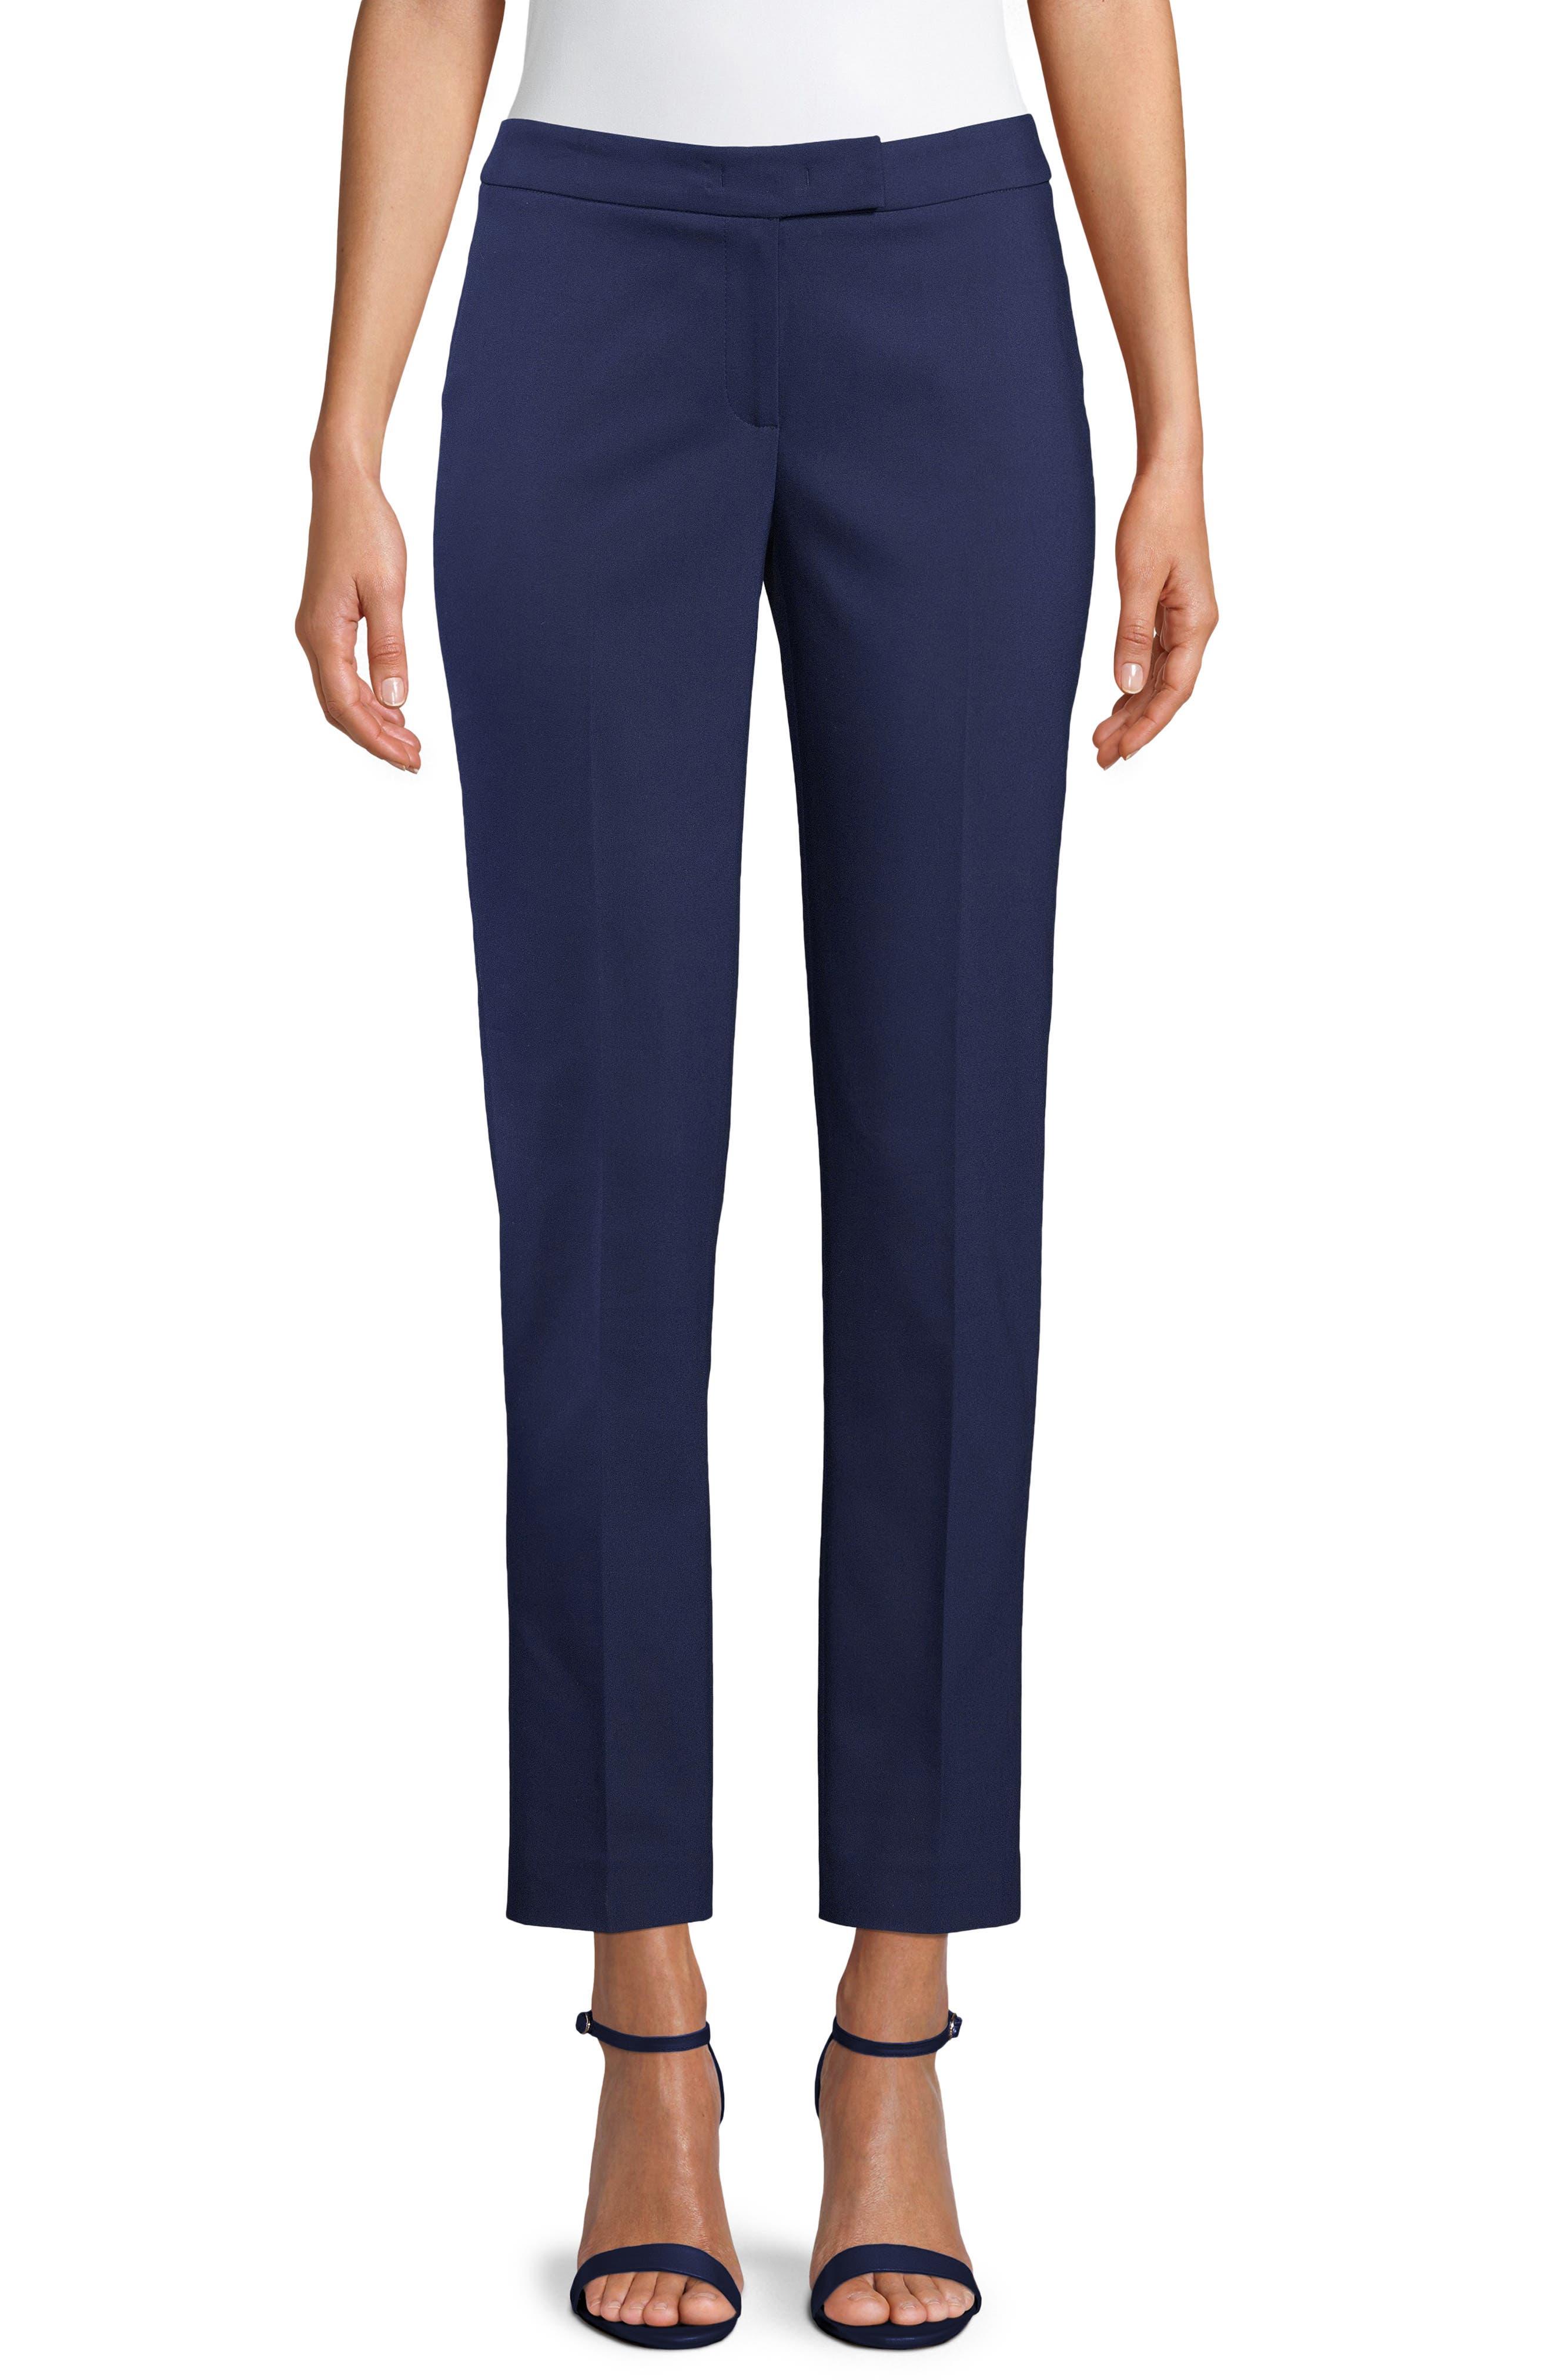 Cotton Blend Double Weave Pant